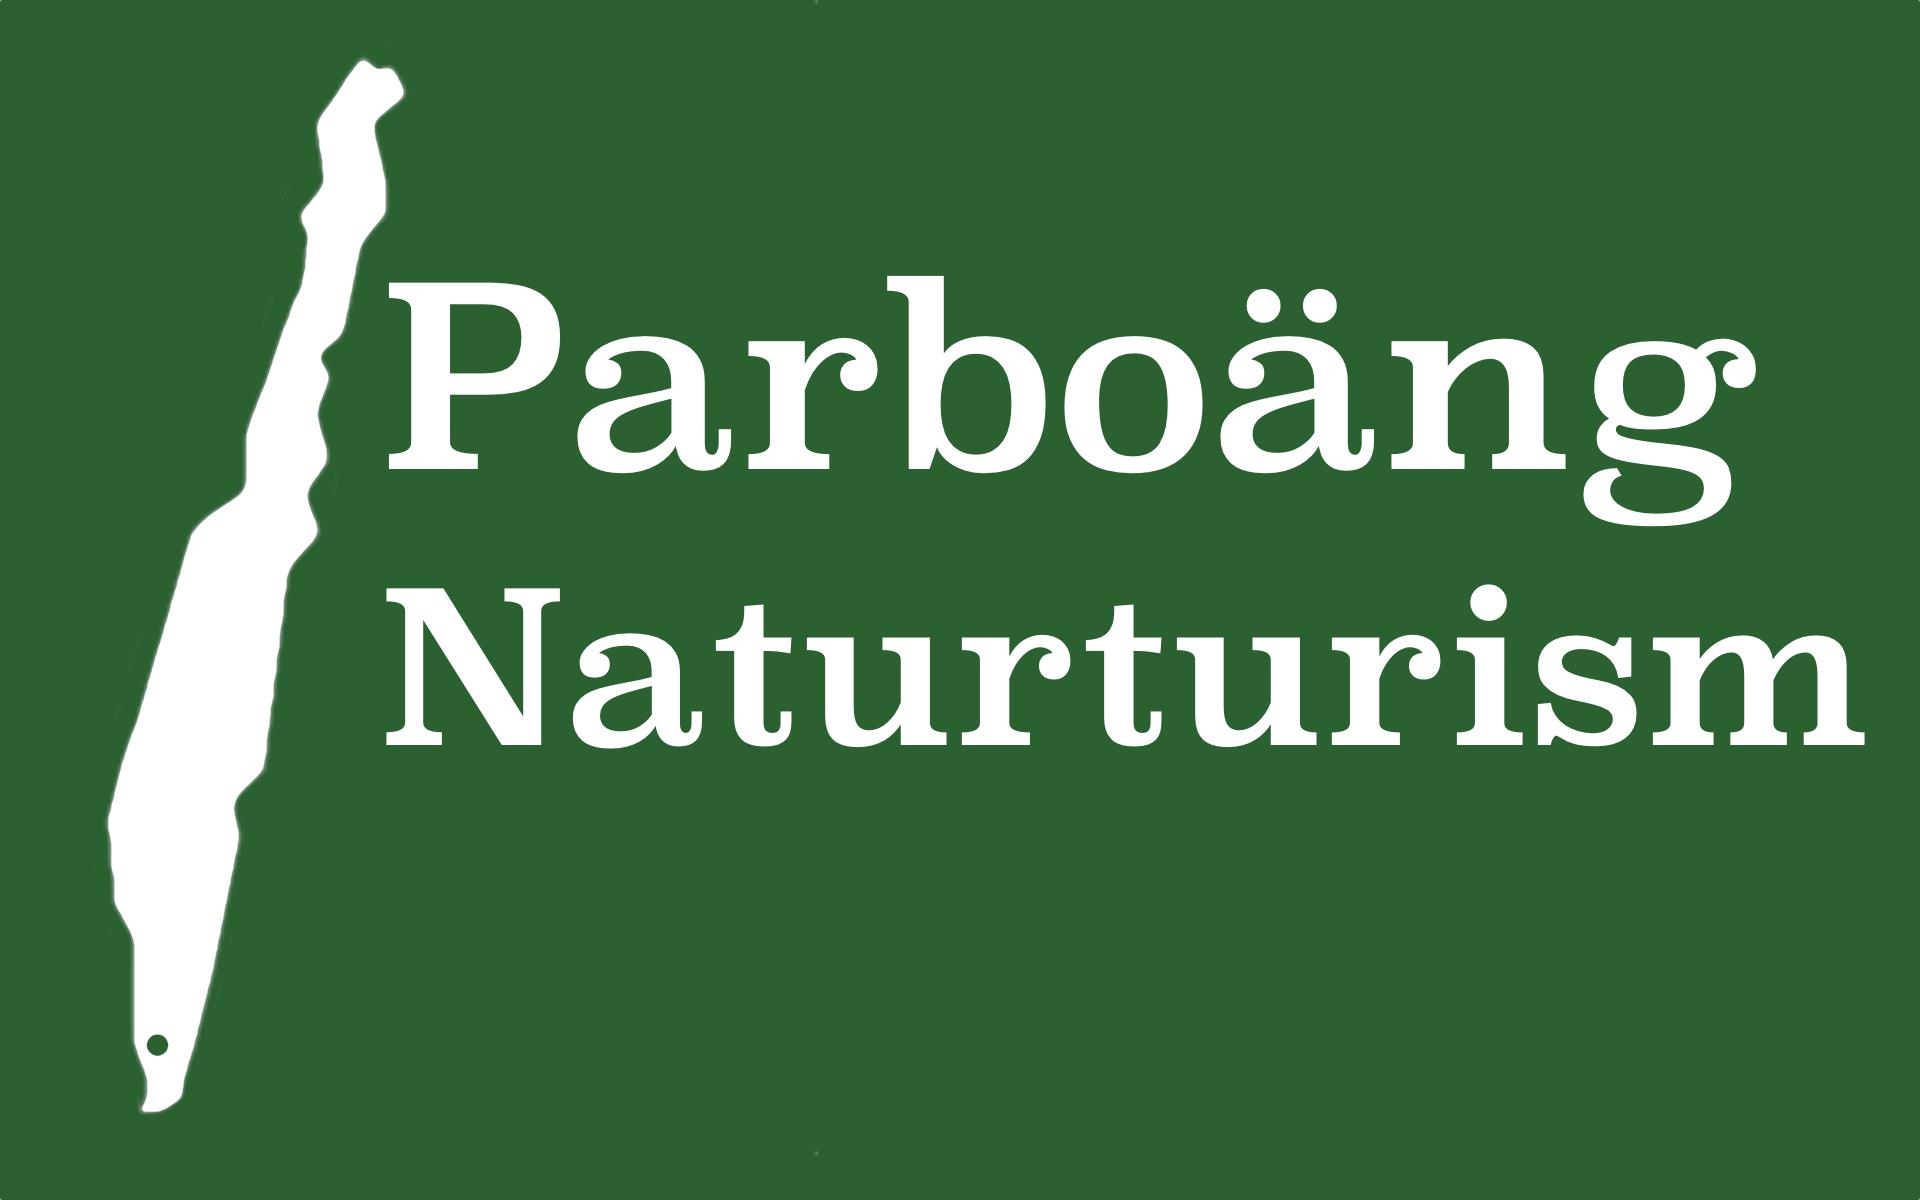 Parboäng naturturism